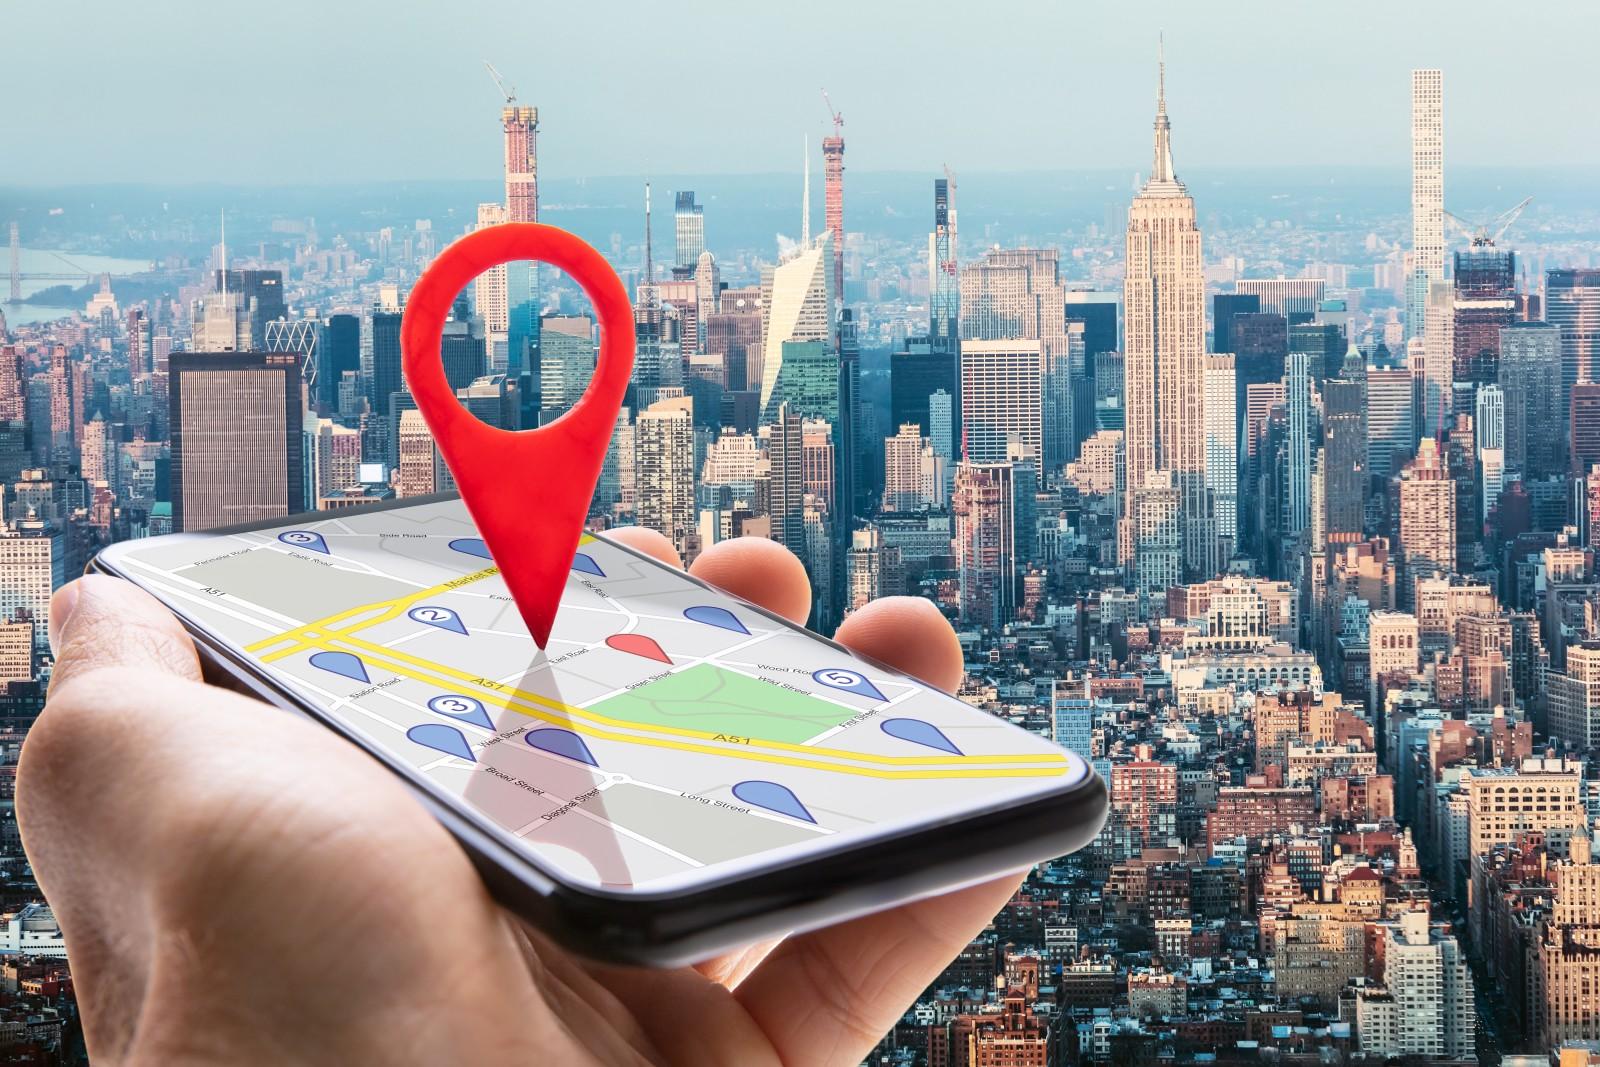 Wer seinen USA-Aufenthalt so unterhaltsam wie nur möglich gestalten möchte, sollte auch verschiedene Apps für Touristen zurückgreifen.